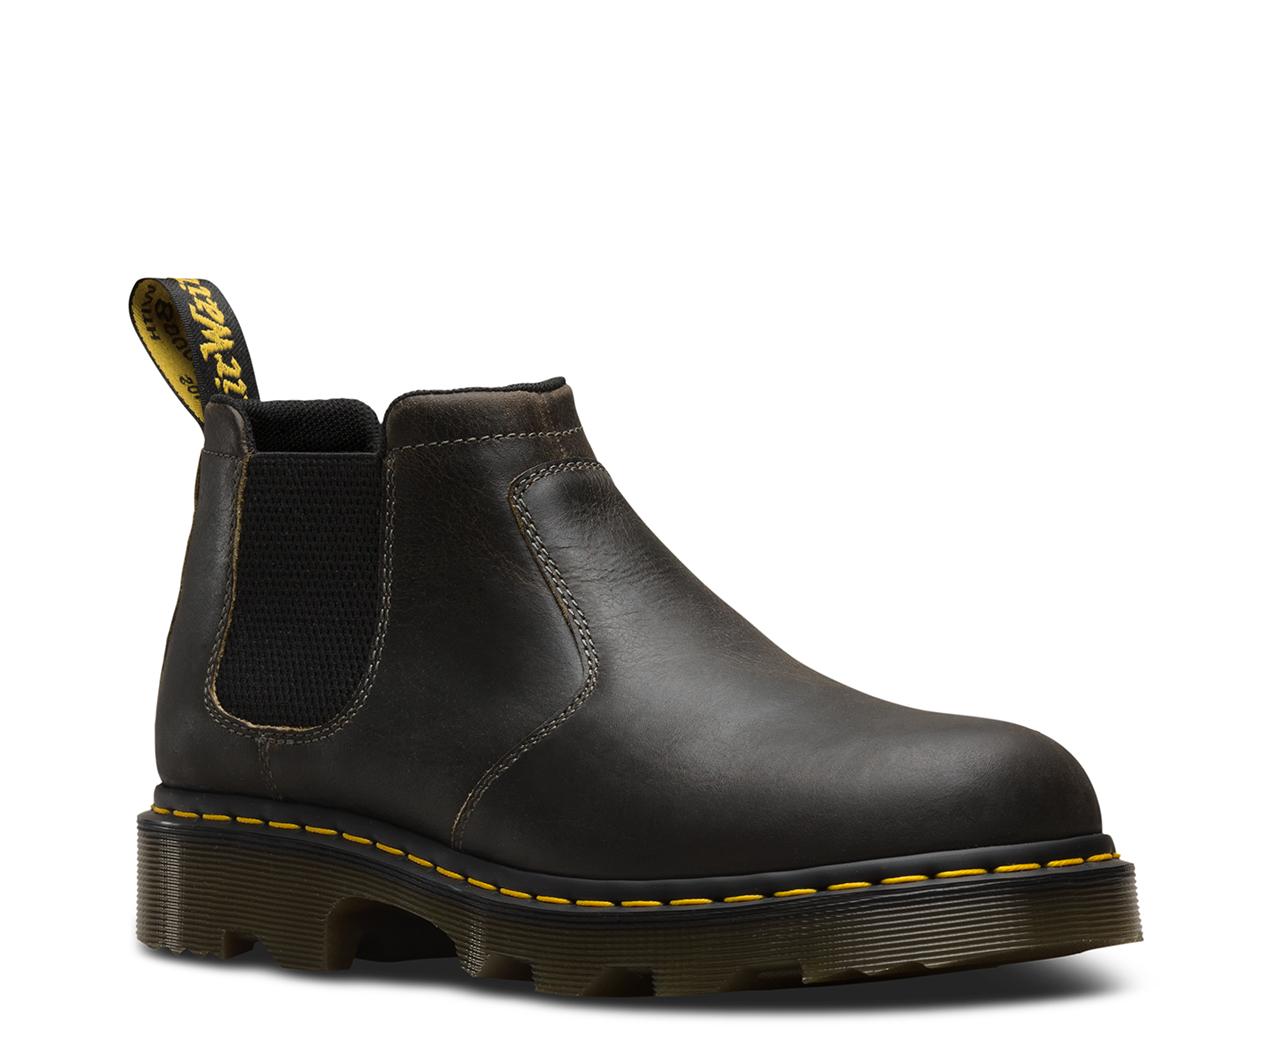 7263a797900 PENLY   Men's Boots   Dr. Martens Official